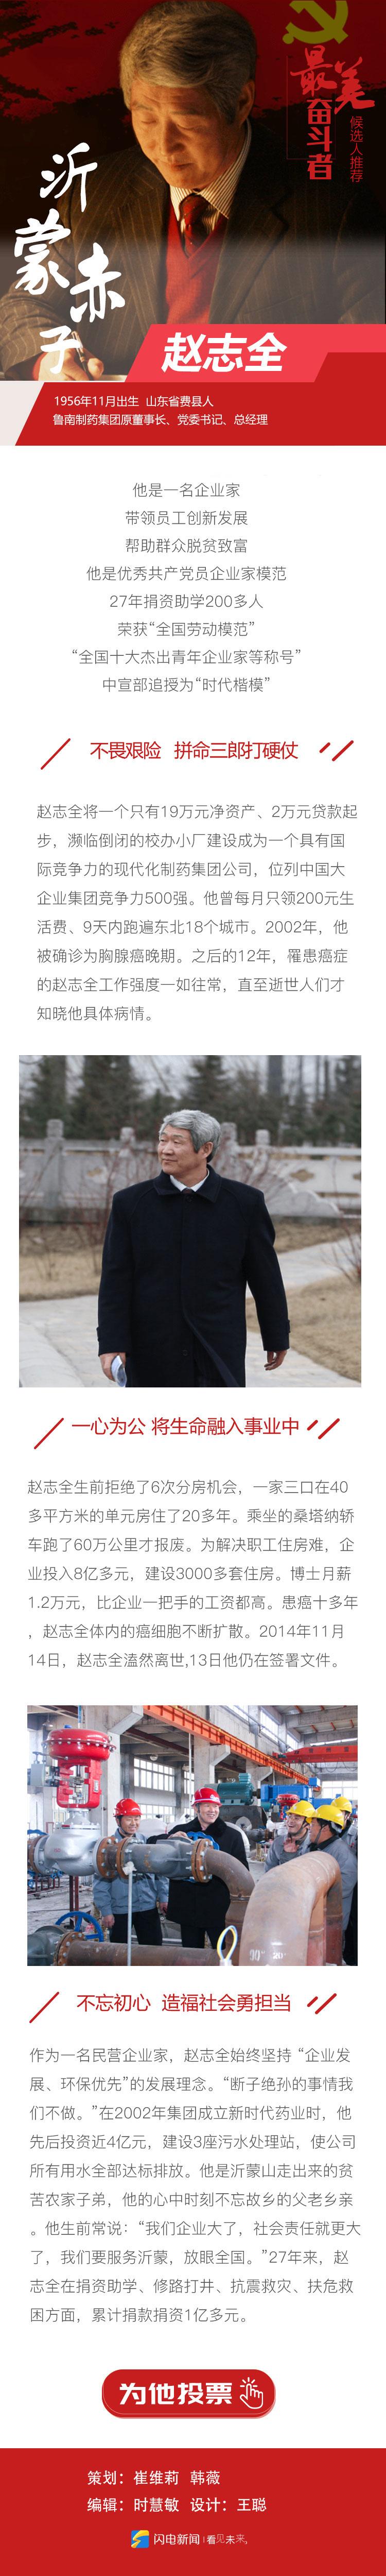 """为""""最美奋斗者""""山东候选人赵志全投票!"""